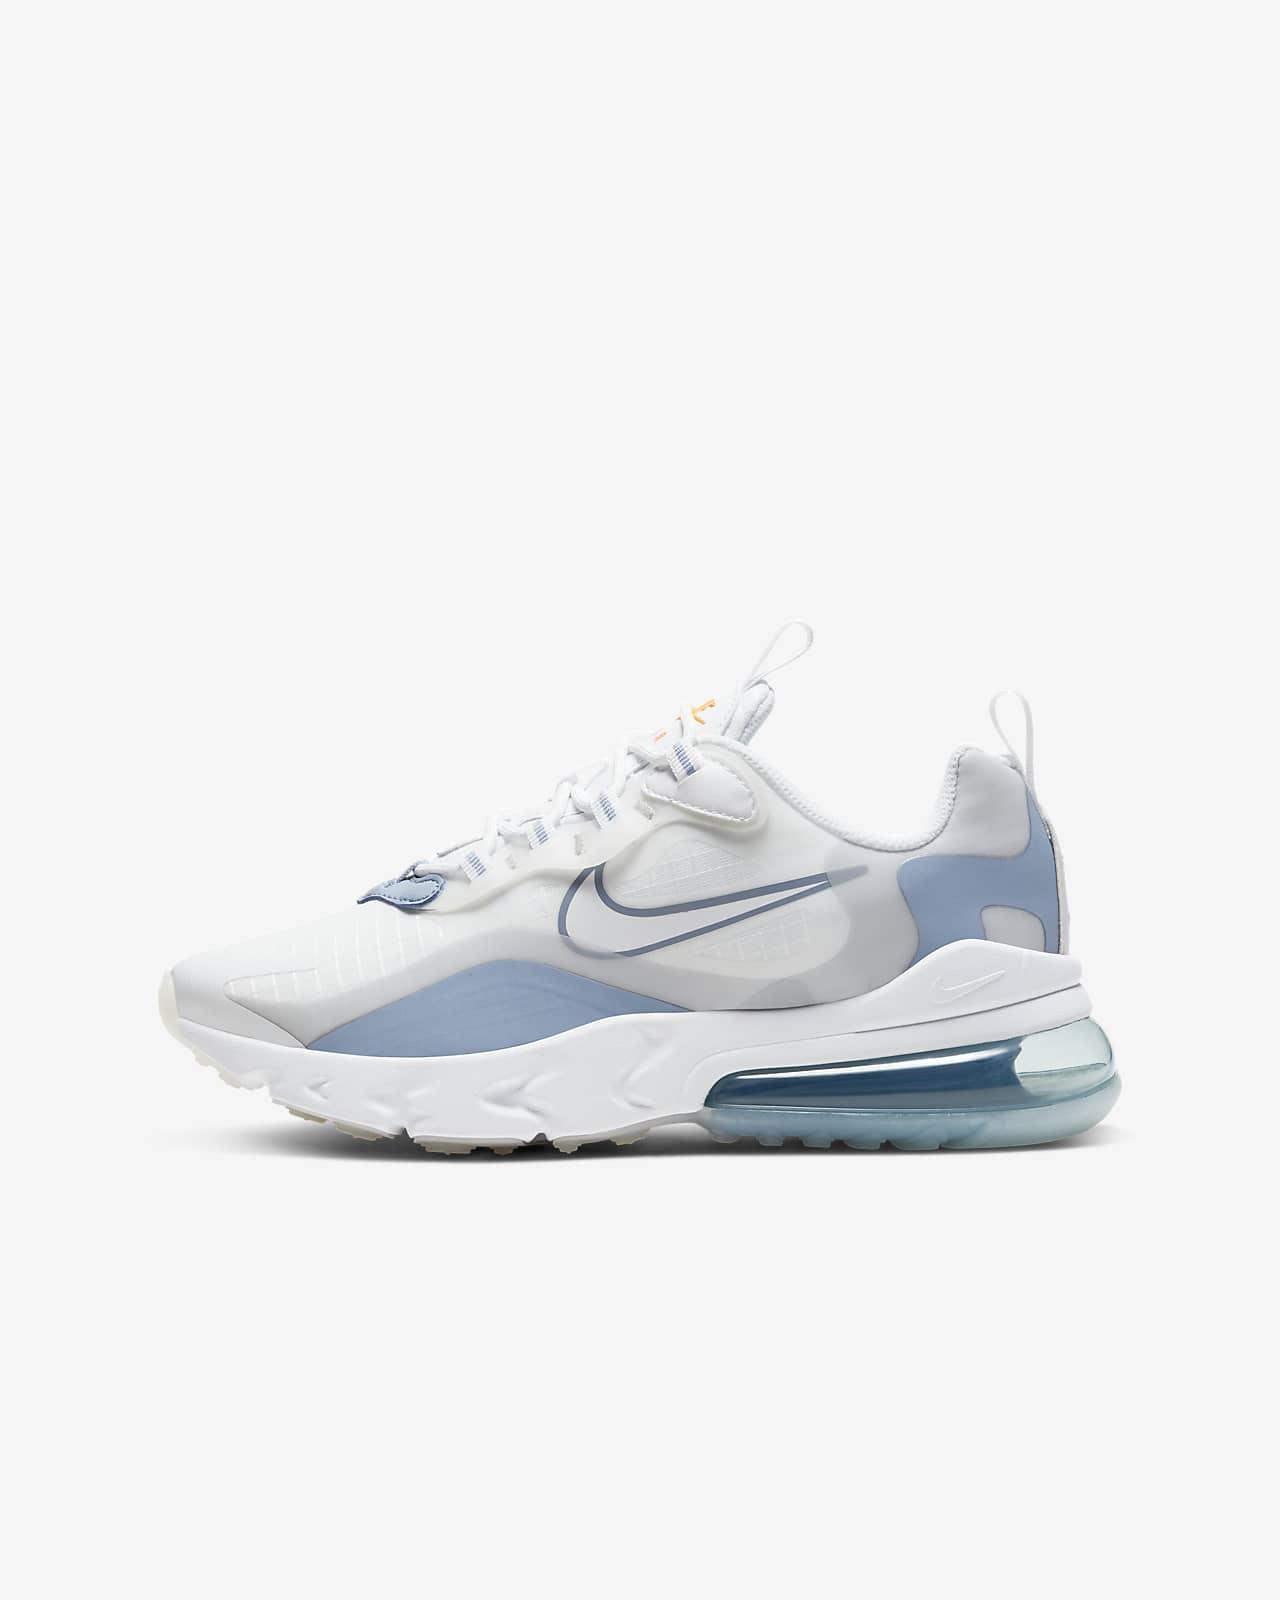 Nike Air Max 270 React SE (GS) 大童运动童鞋